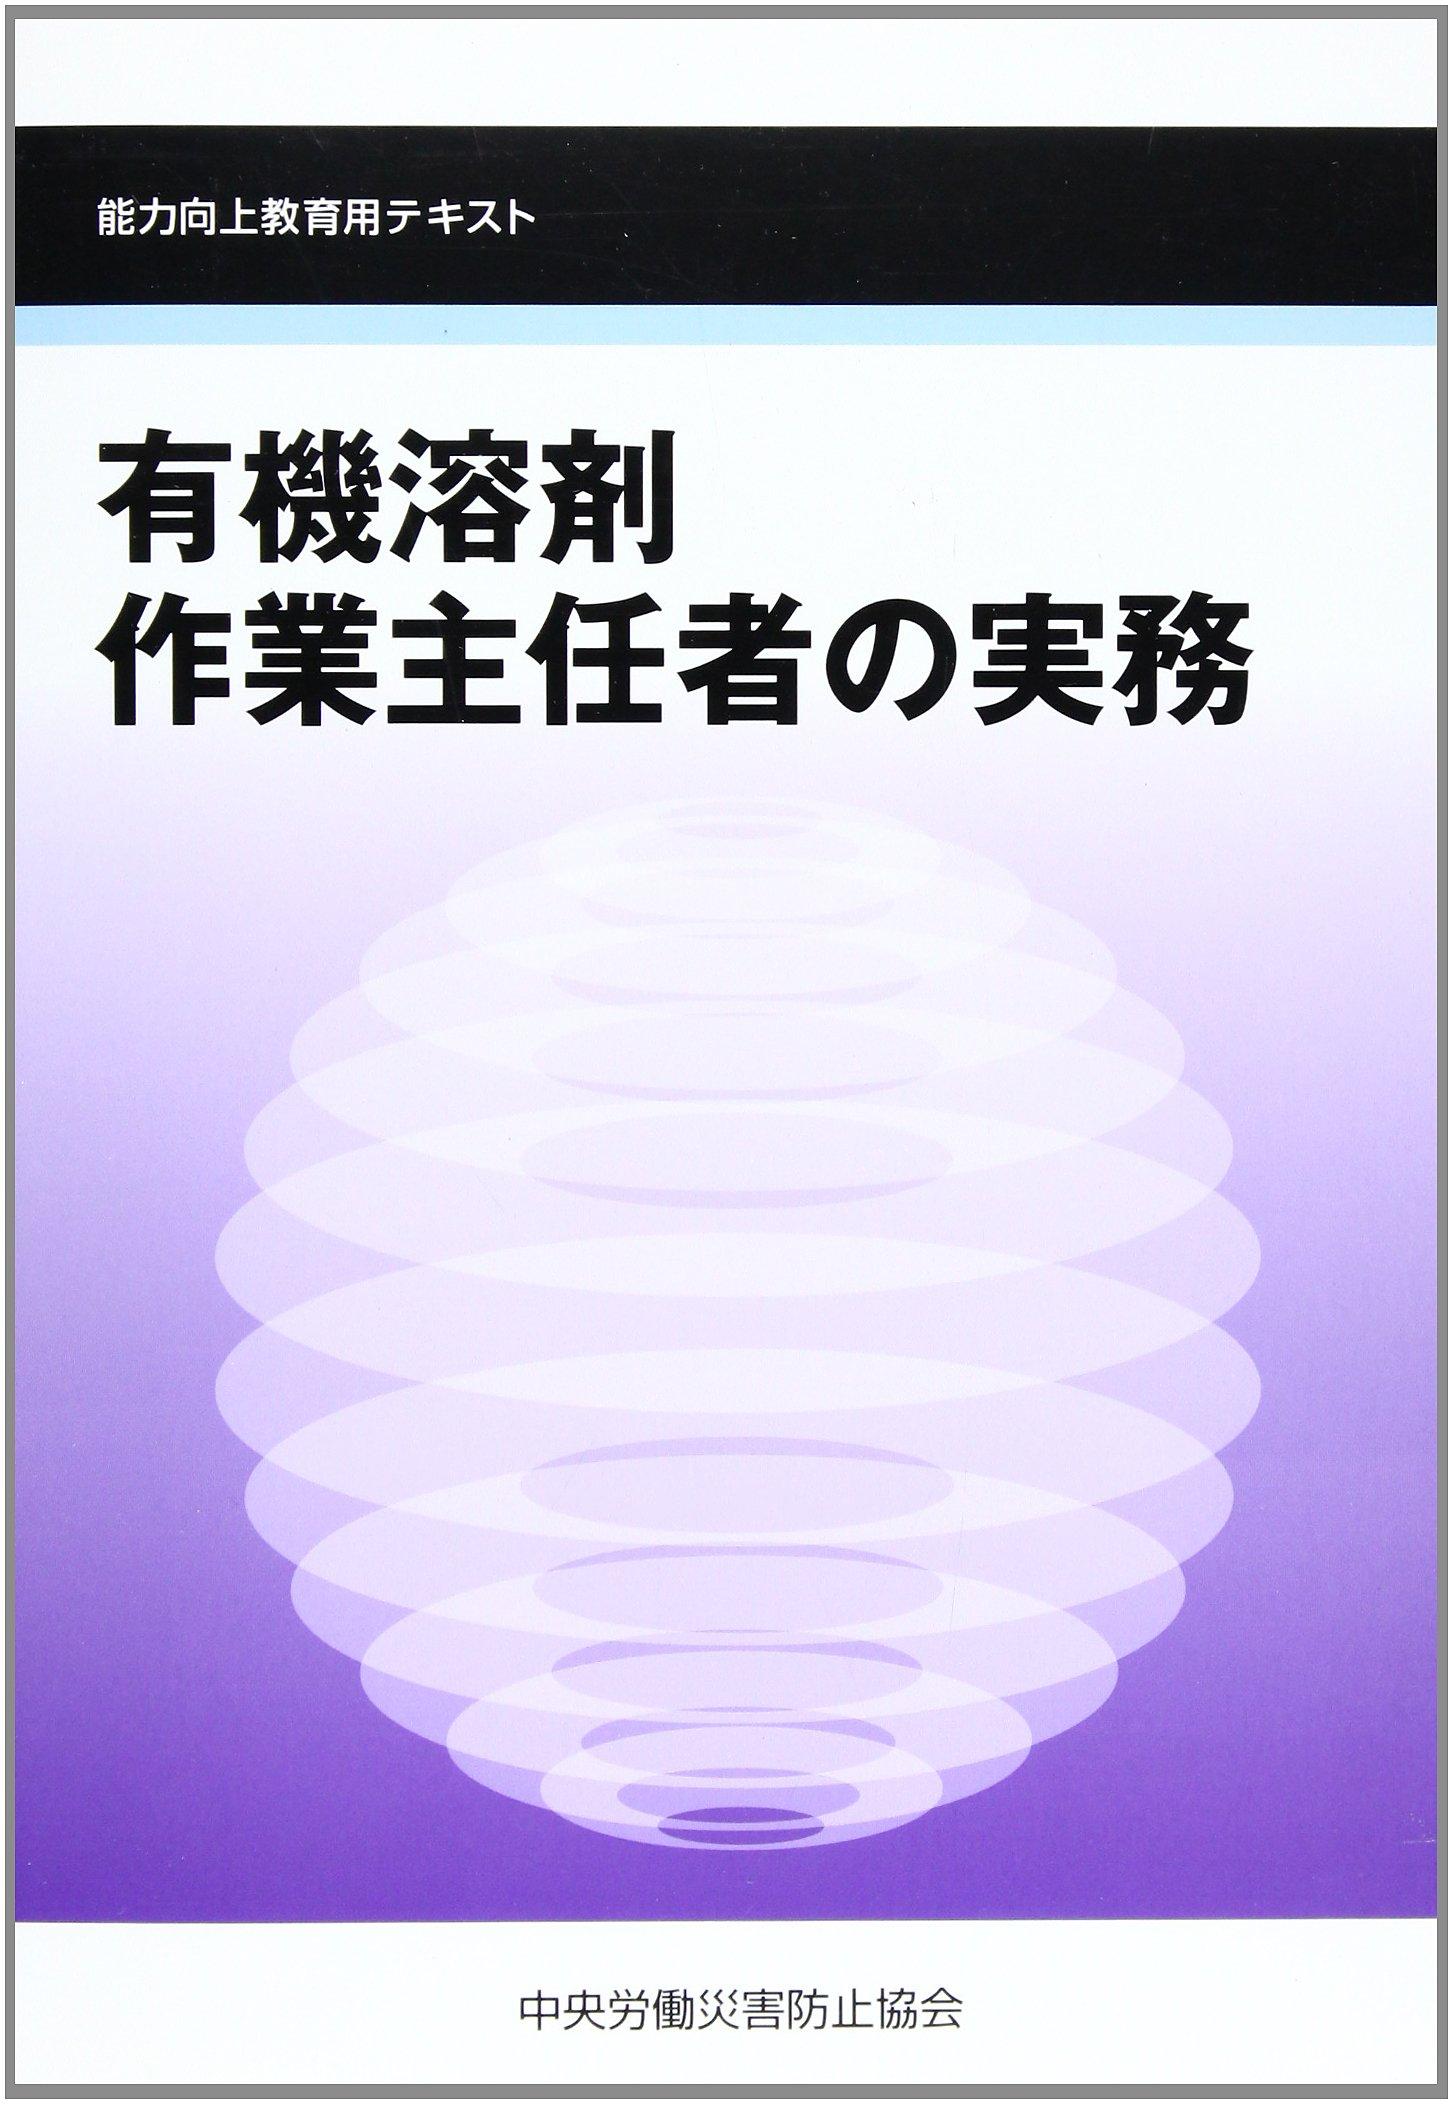 Yūki yōzai sagyō shuninsha no jitsumu : nōryoku kōjō kyōikuyō tekisuto PDF